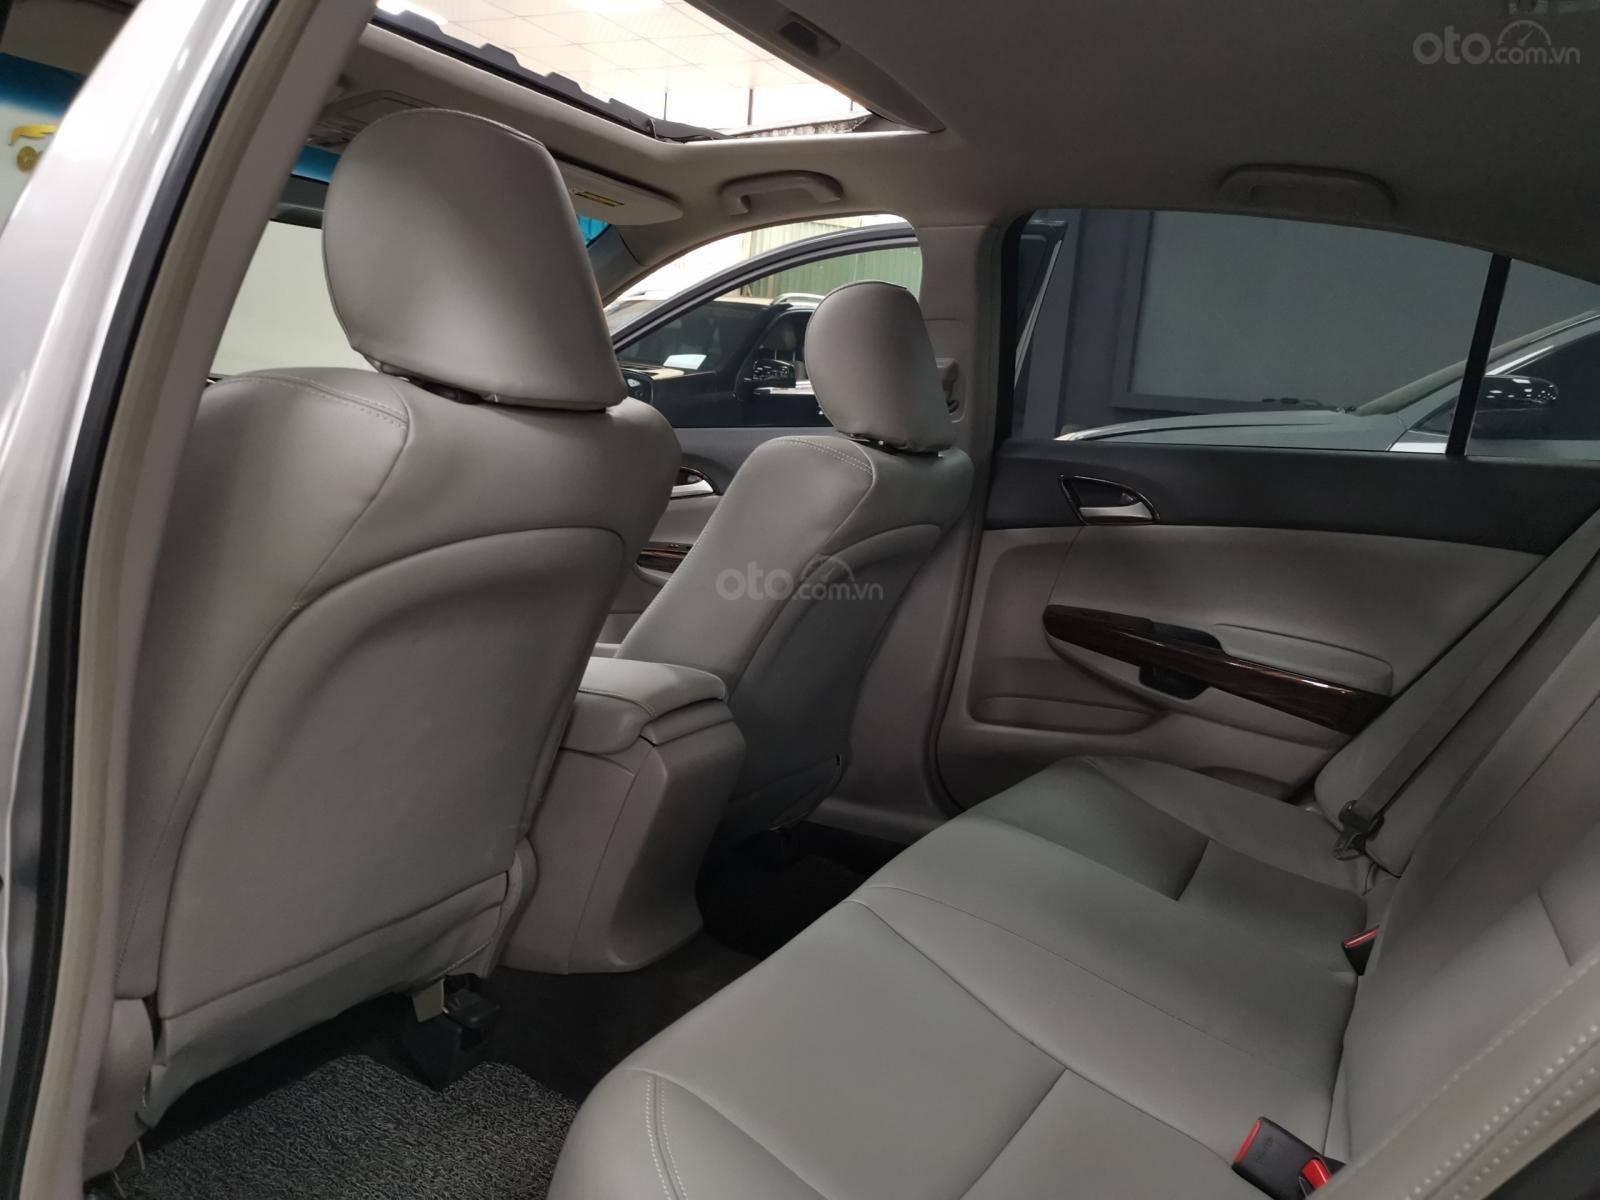 Bán nhanh với giá thấp chiếc Honda Accord sản xuất năm 2007 (15)